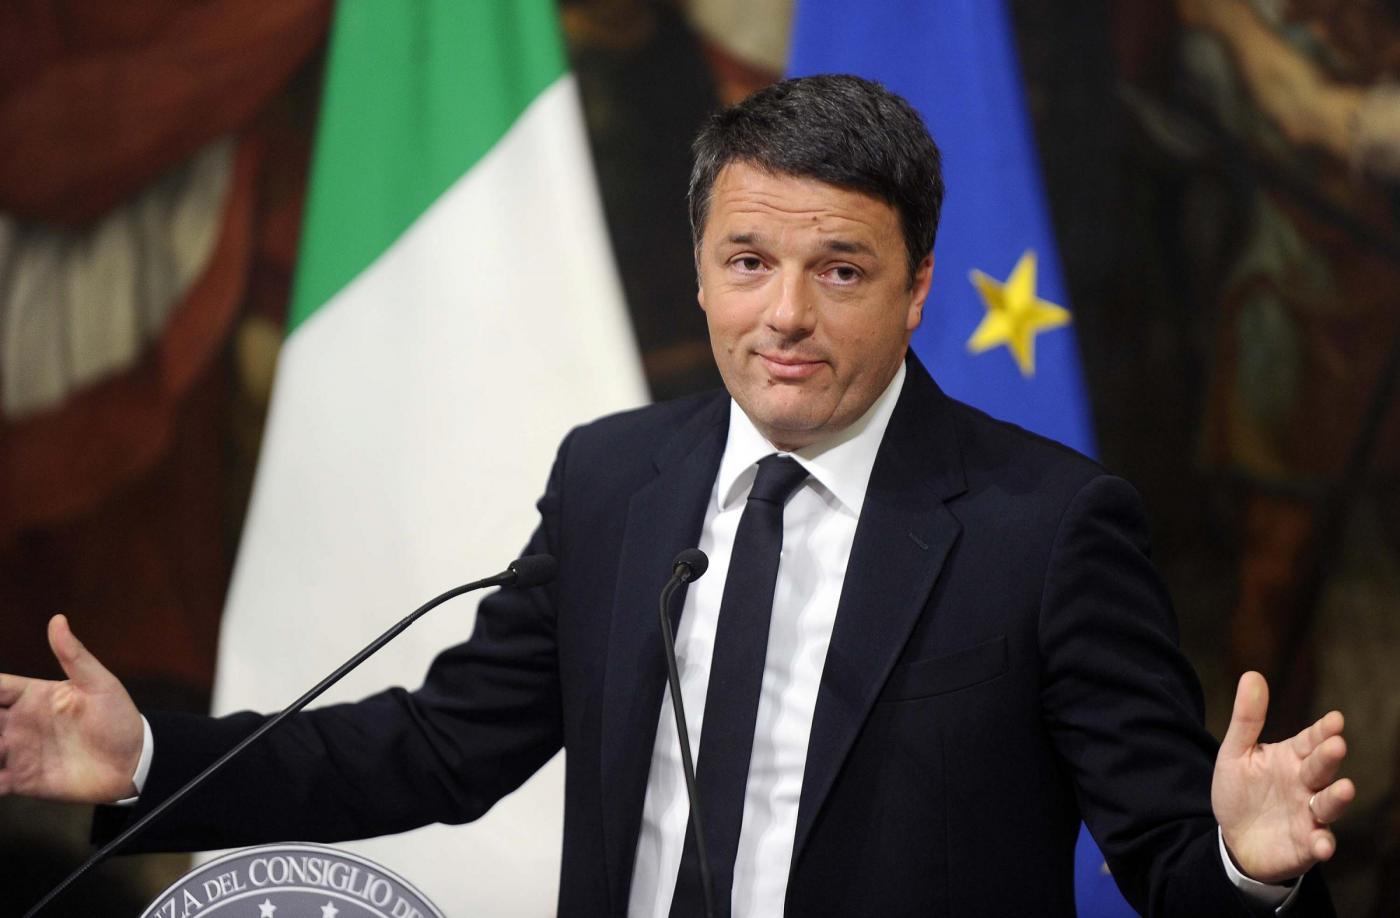 Palazzo Chigi Conferenza Matteo Renzi dopo i risultati del referendum costituzionale